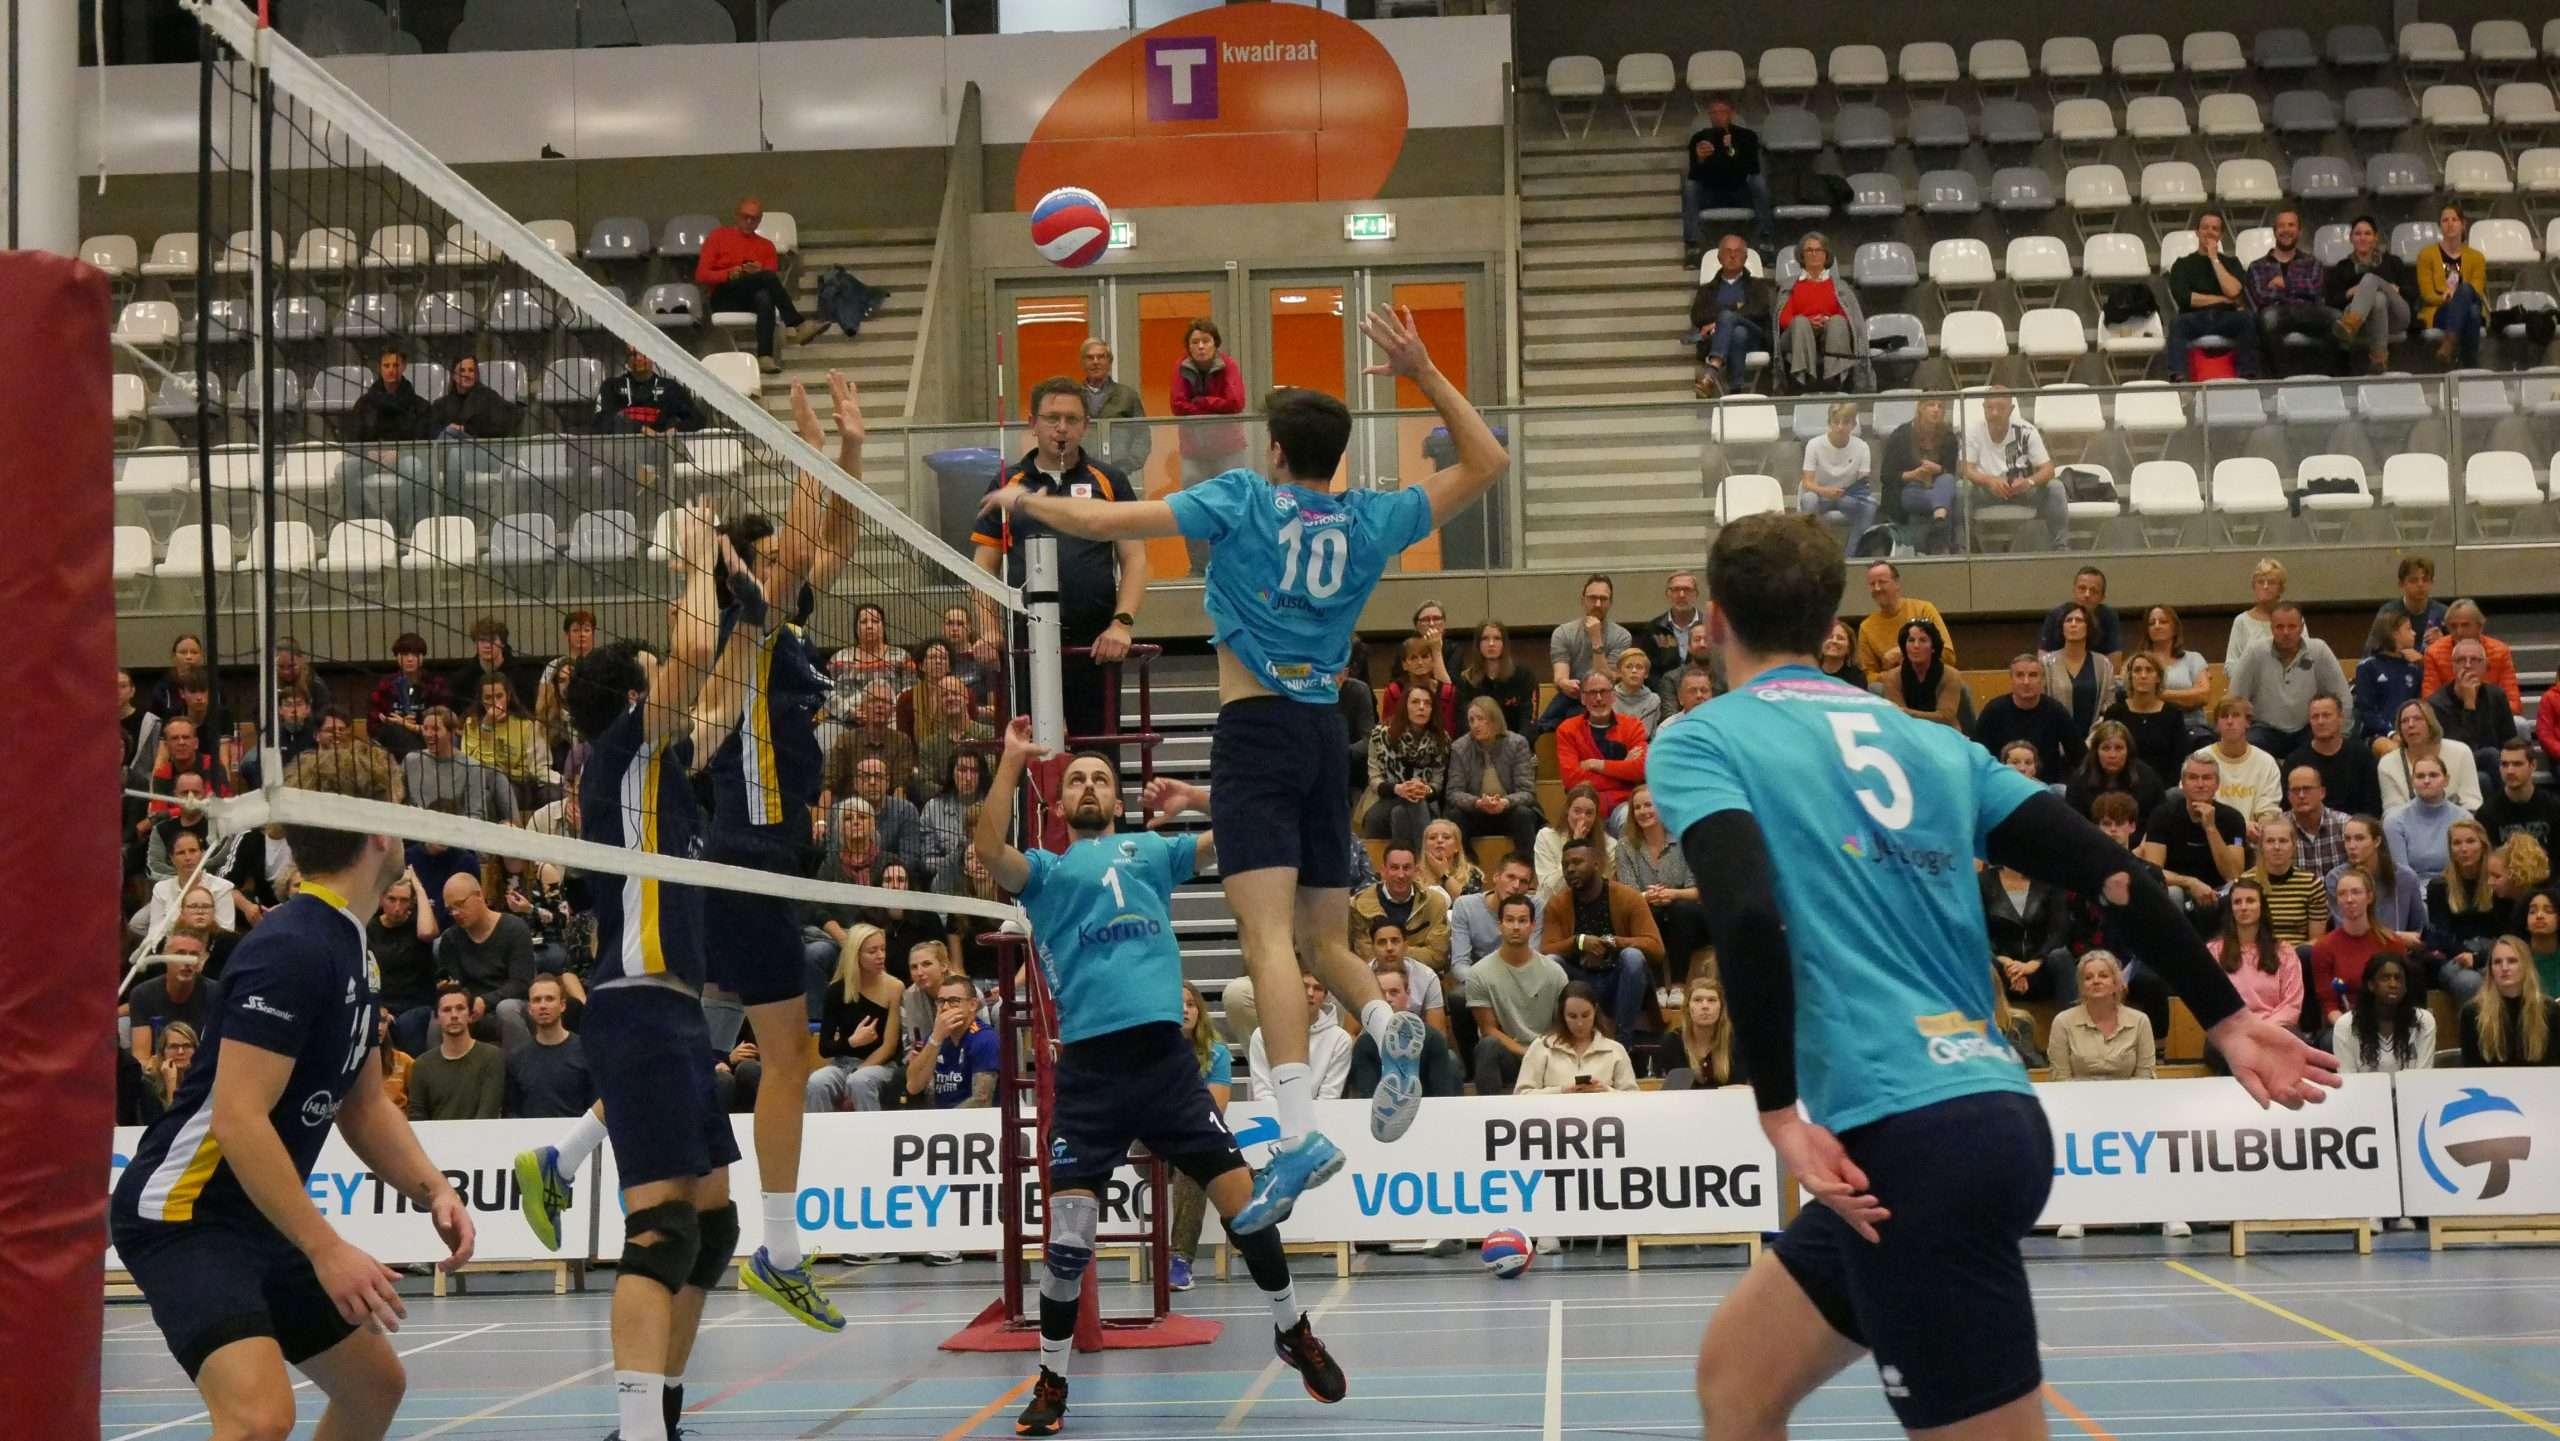 Volley Tilburg heren 1 duidelijk de sterkste in Brabantse derby